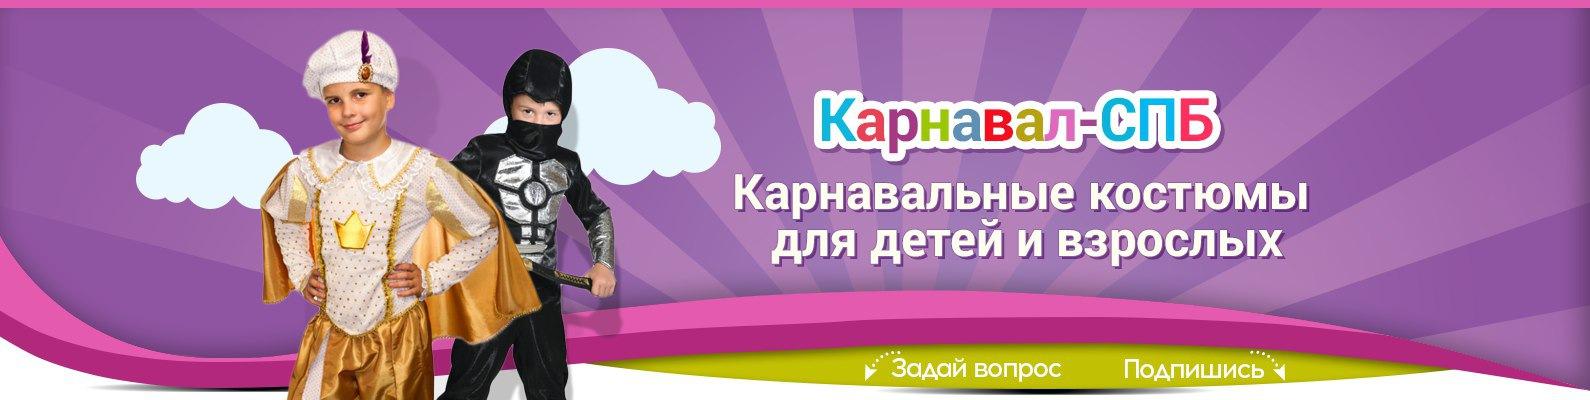 Карнавал-СПб - Карнавальные костюмы  531a7993ffb39